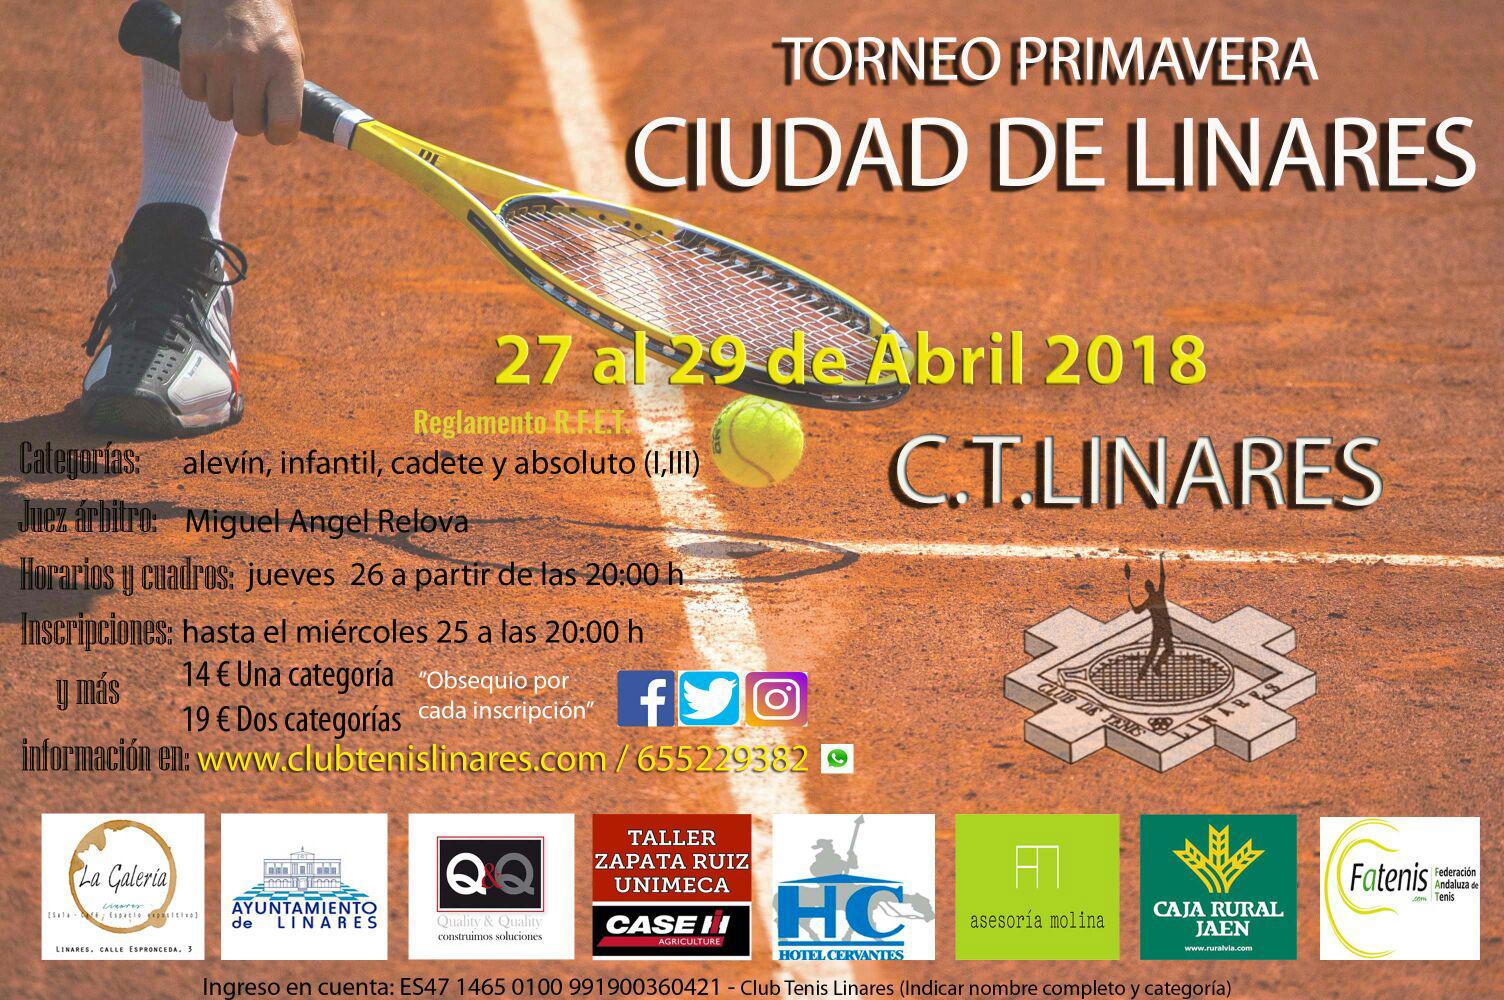 Cartel Torneo Primavera Ciudad de Linares